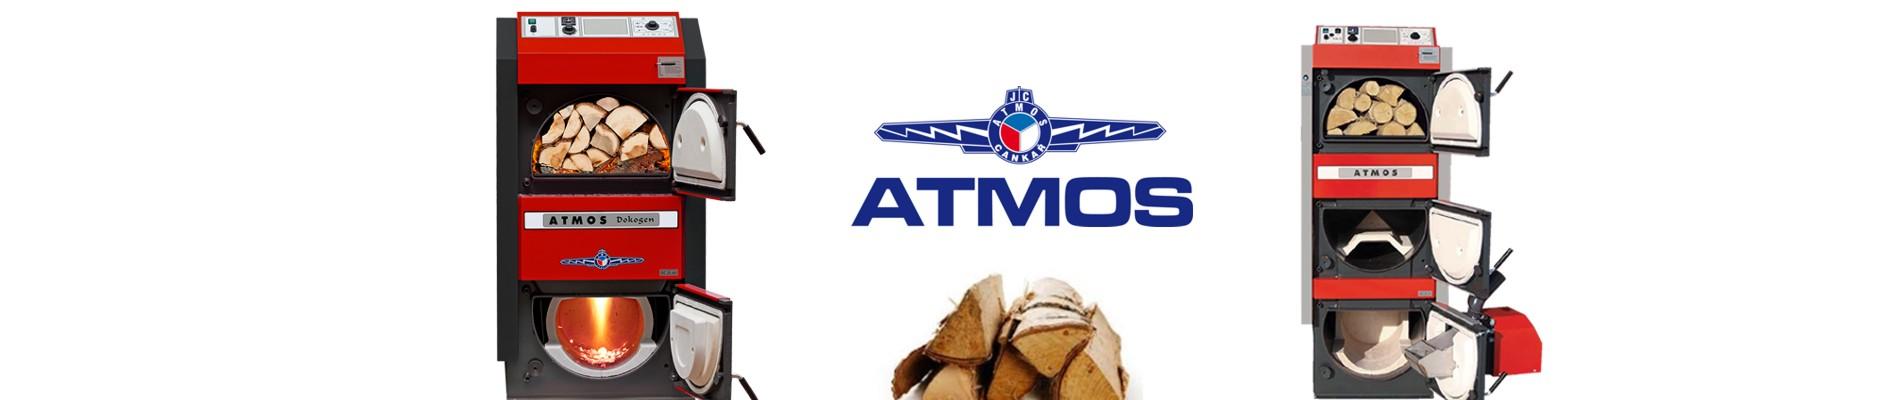 Atmos-kotel